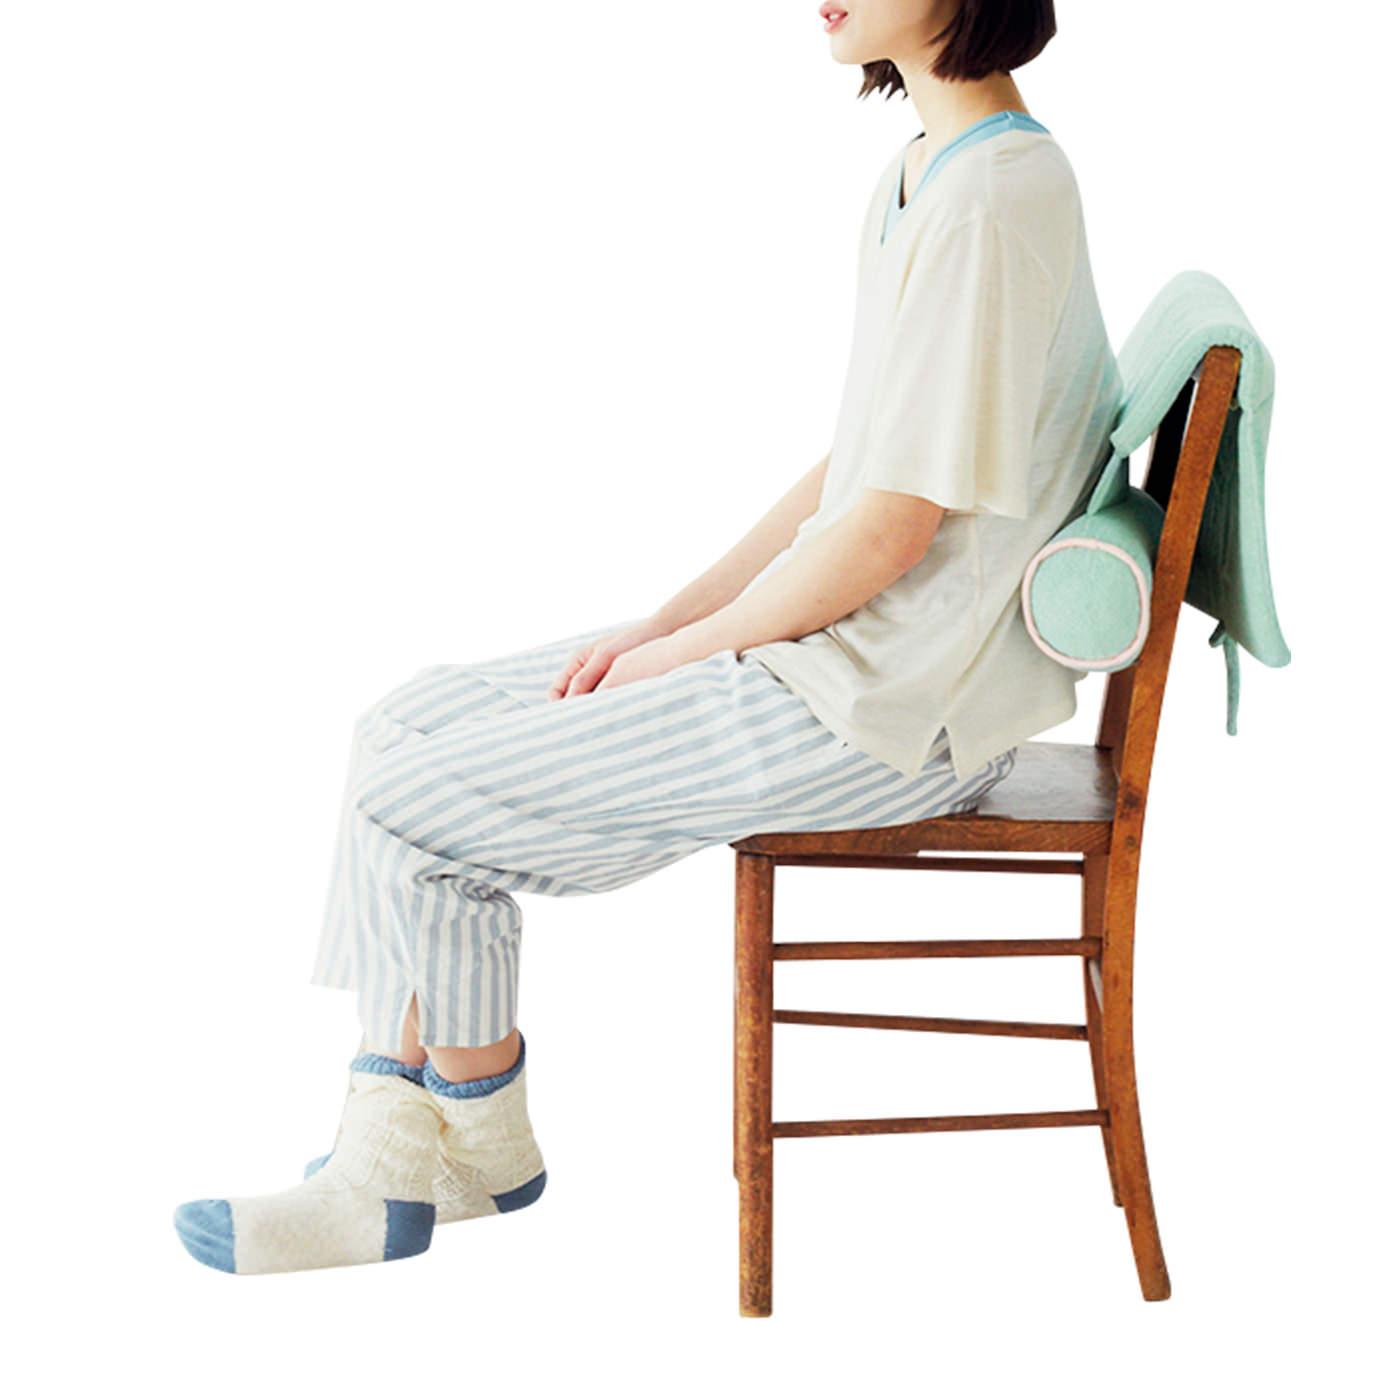 まくら以外にも使い方いろいろ。いすの背もたれに掛けて。筒部分で腰をサポート。